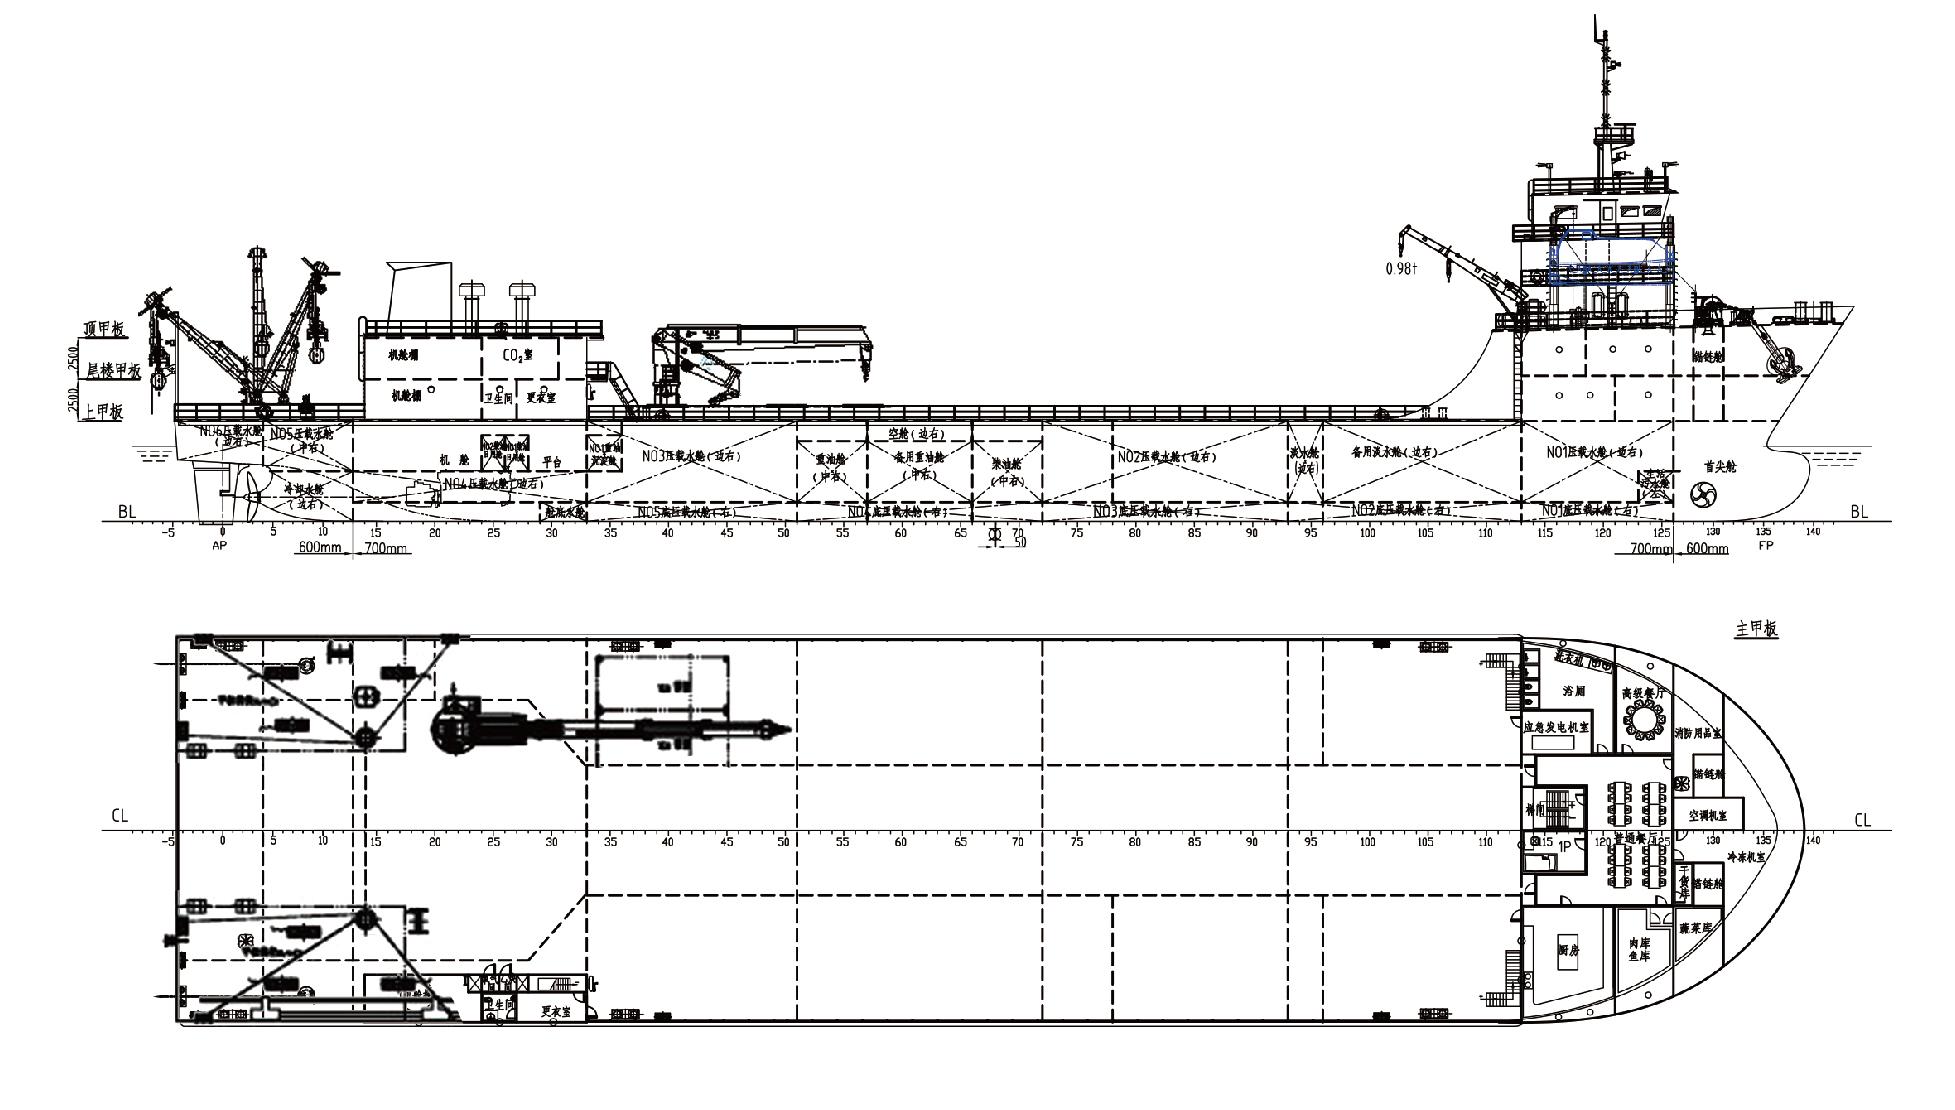 长和海洋号是上海茗和船务有限公司新建的一艘8000吨级多用途调查作业船,具有三方面的作业功能:一是具备远近海海洋动力环境、地质环境、生态环境等综合海洋环境观测和取样能力,可作为新研制的海洋调查与工程装备的海上试验平台;并且由于后甲板面积大,特别适合于浮标、潜标的运载和布放回收。二是运输大型装备与大件货物。三是可对外供应电力、油料和淡水。